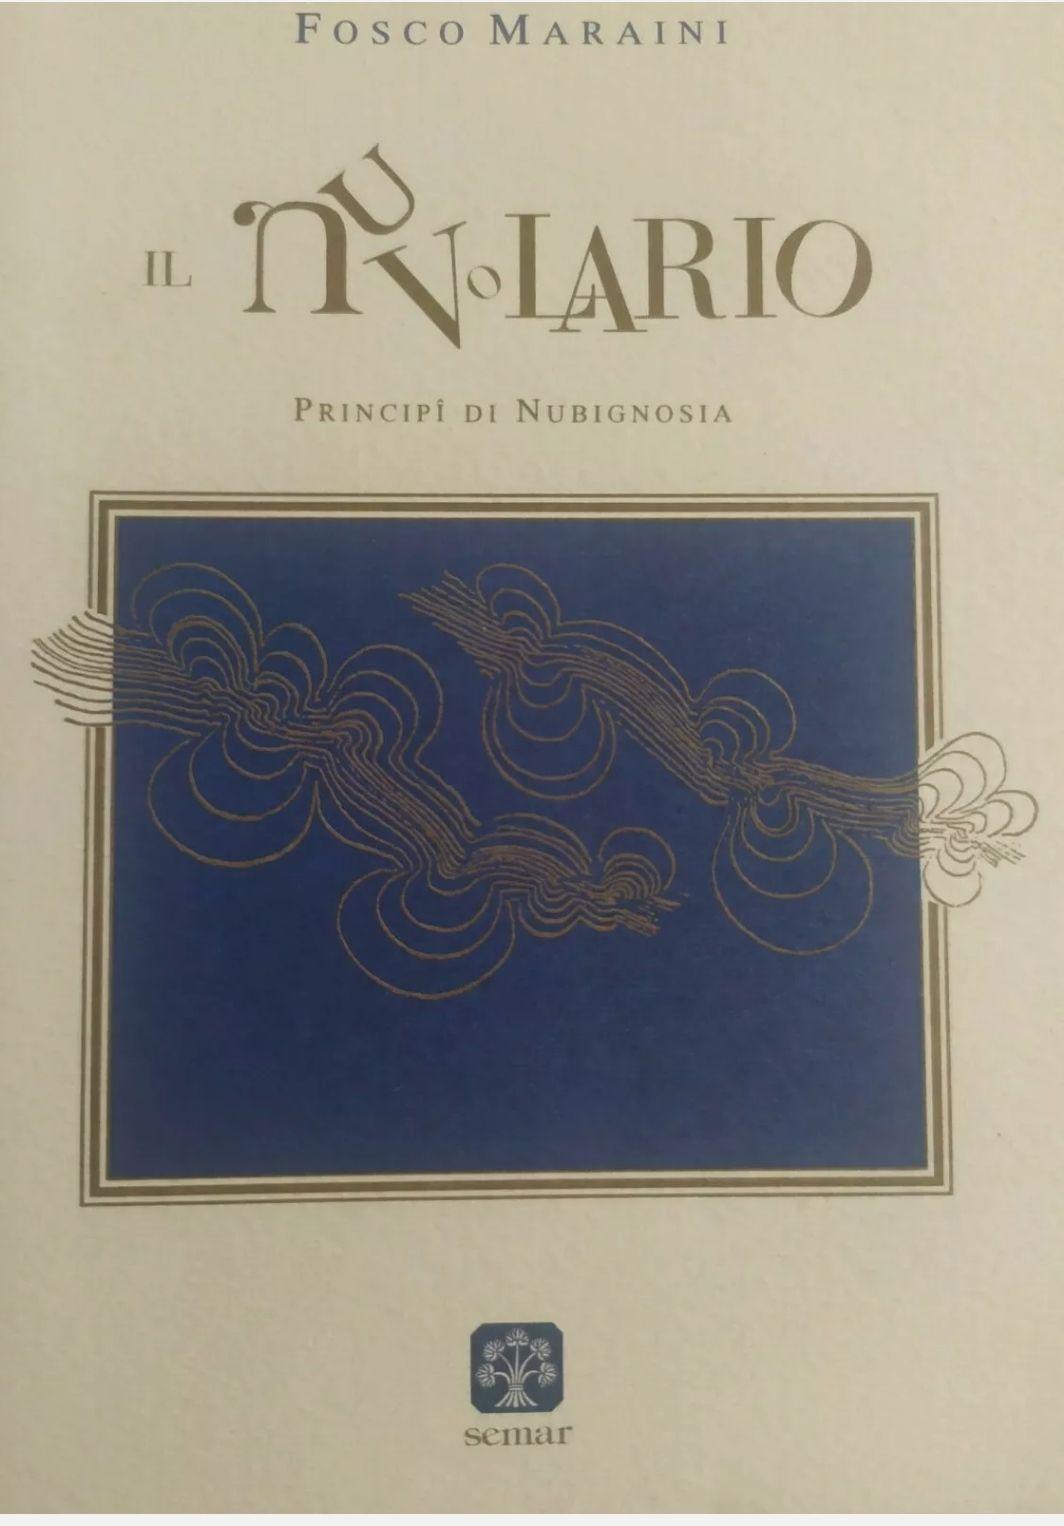 FOSCO MARAINI IL NUVOLARIO – SEMAR 1995 PRIMA RARISSIMA EDIZIONE (GNOSI FANFOLE)